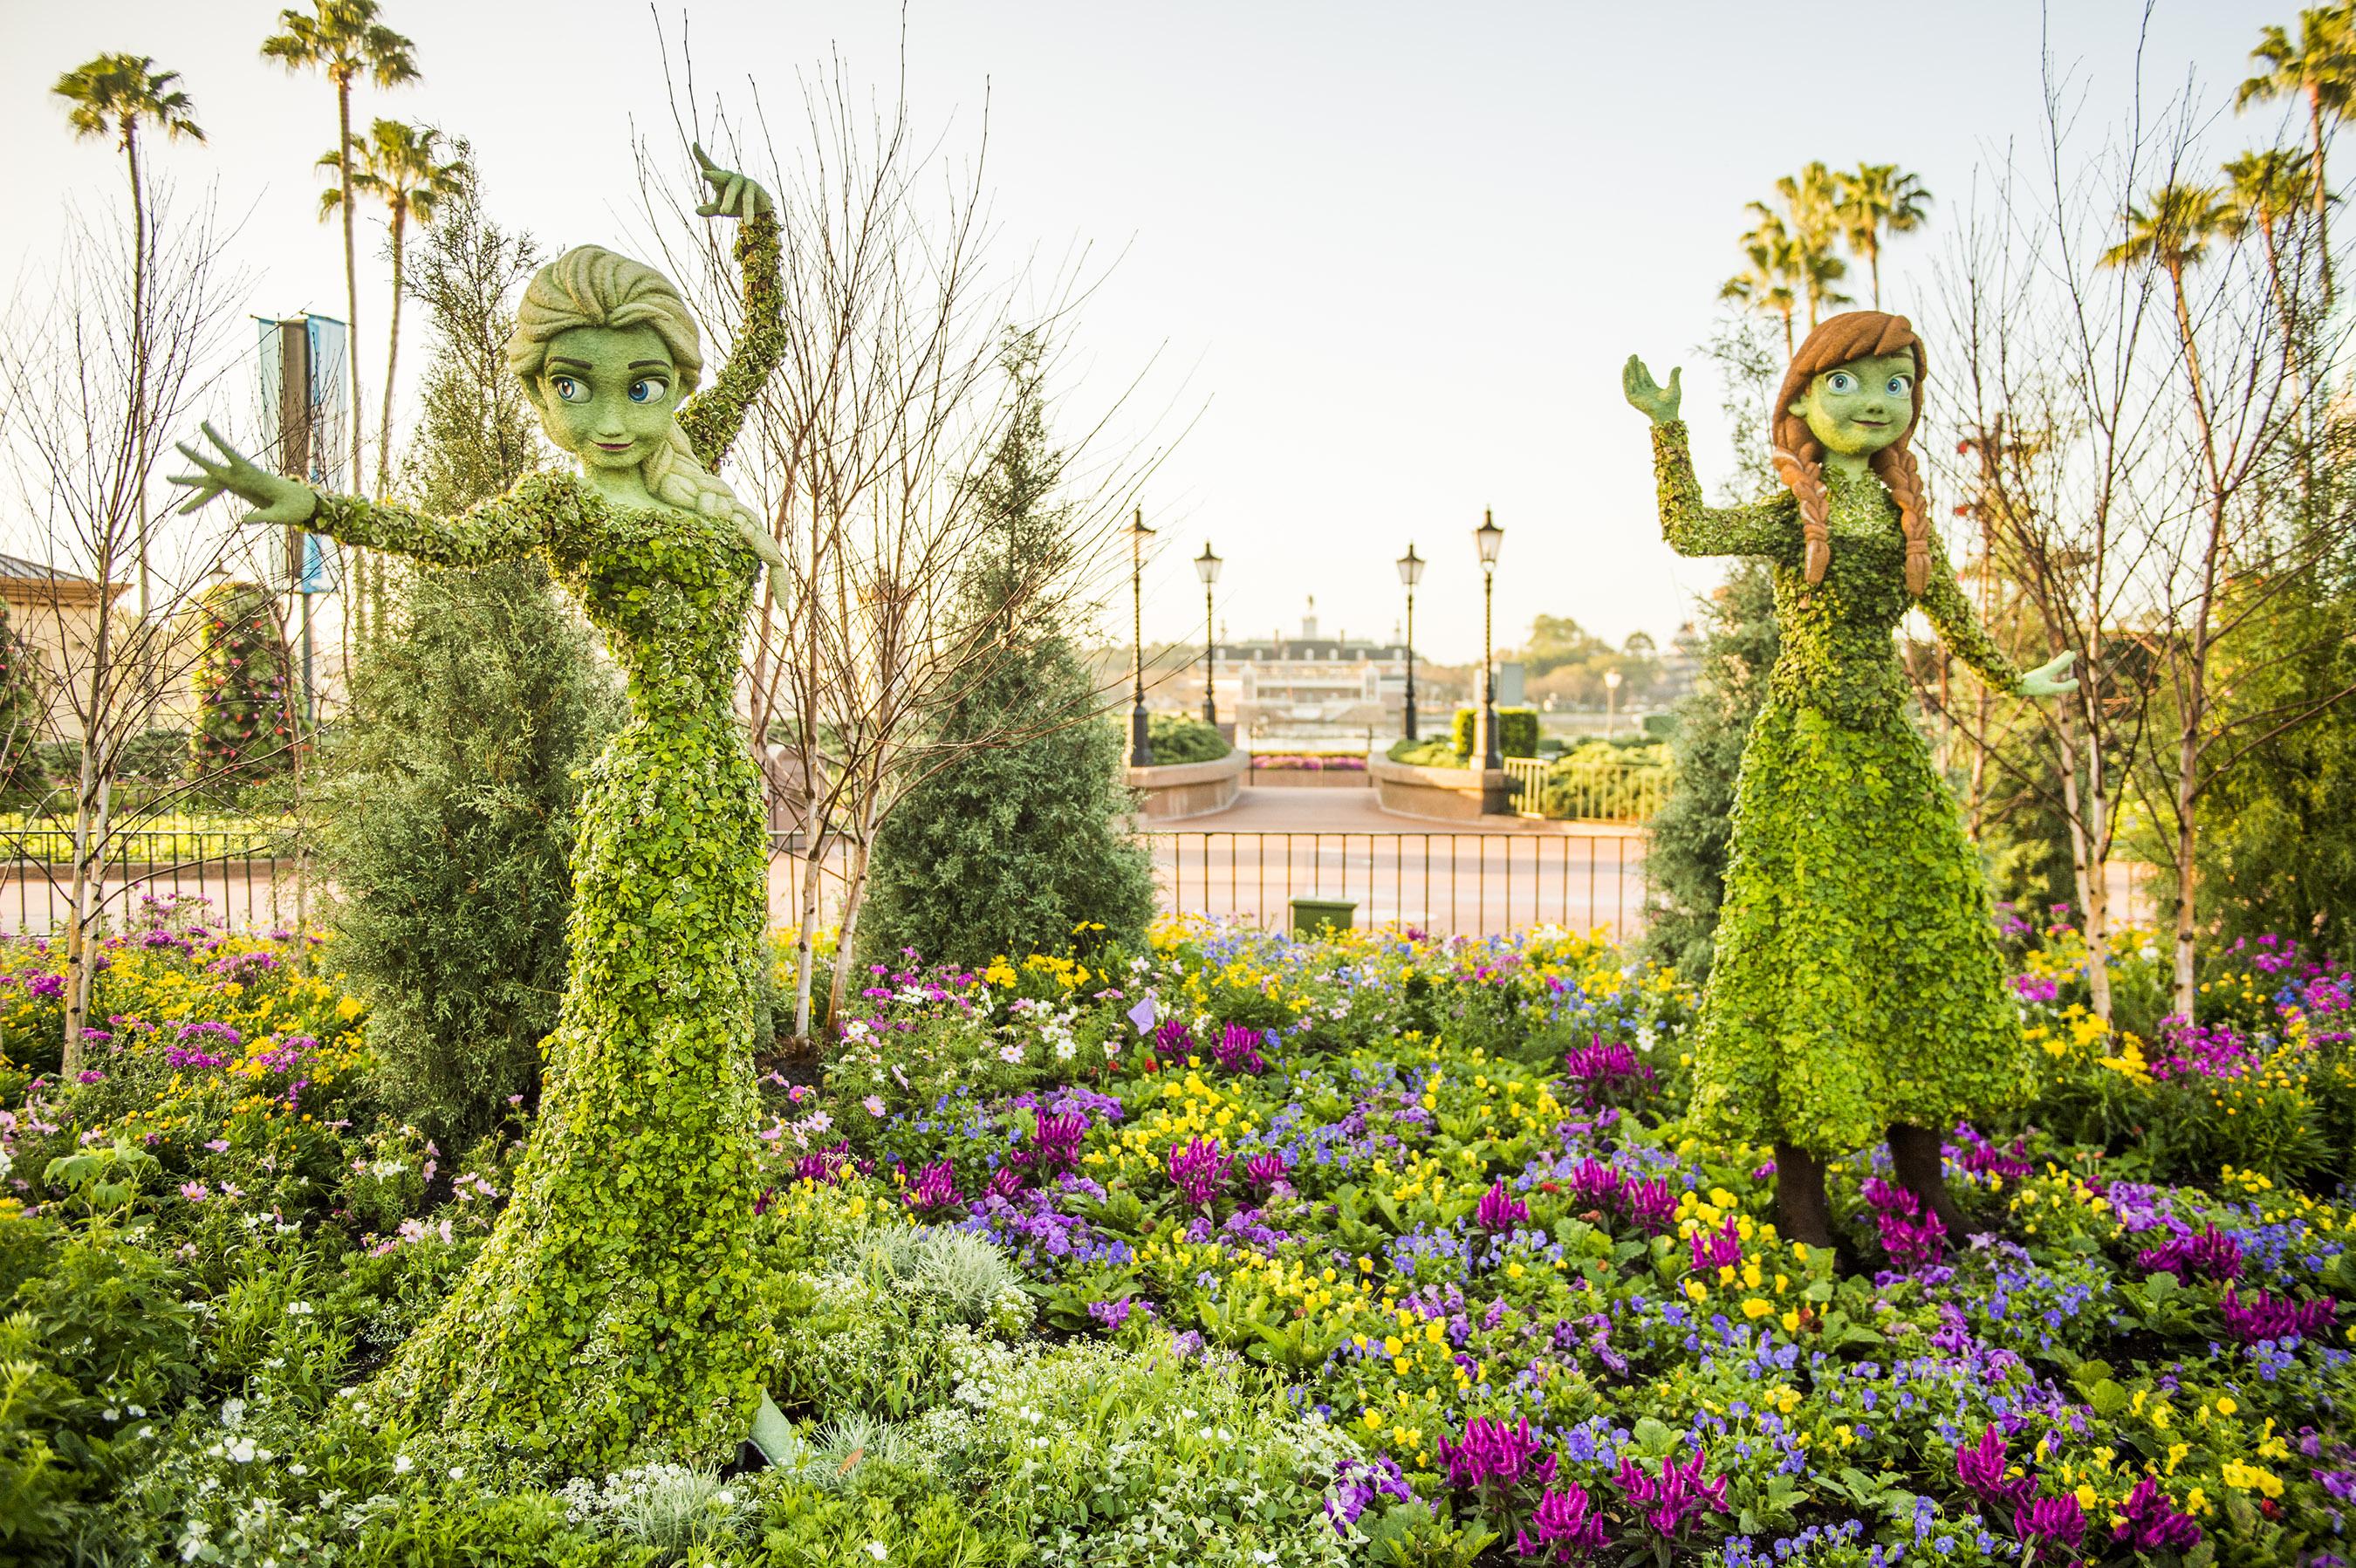 Disney's Flower & Garden Festival